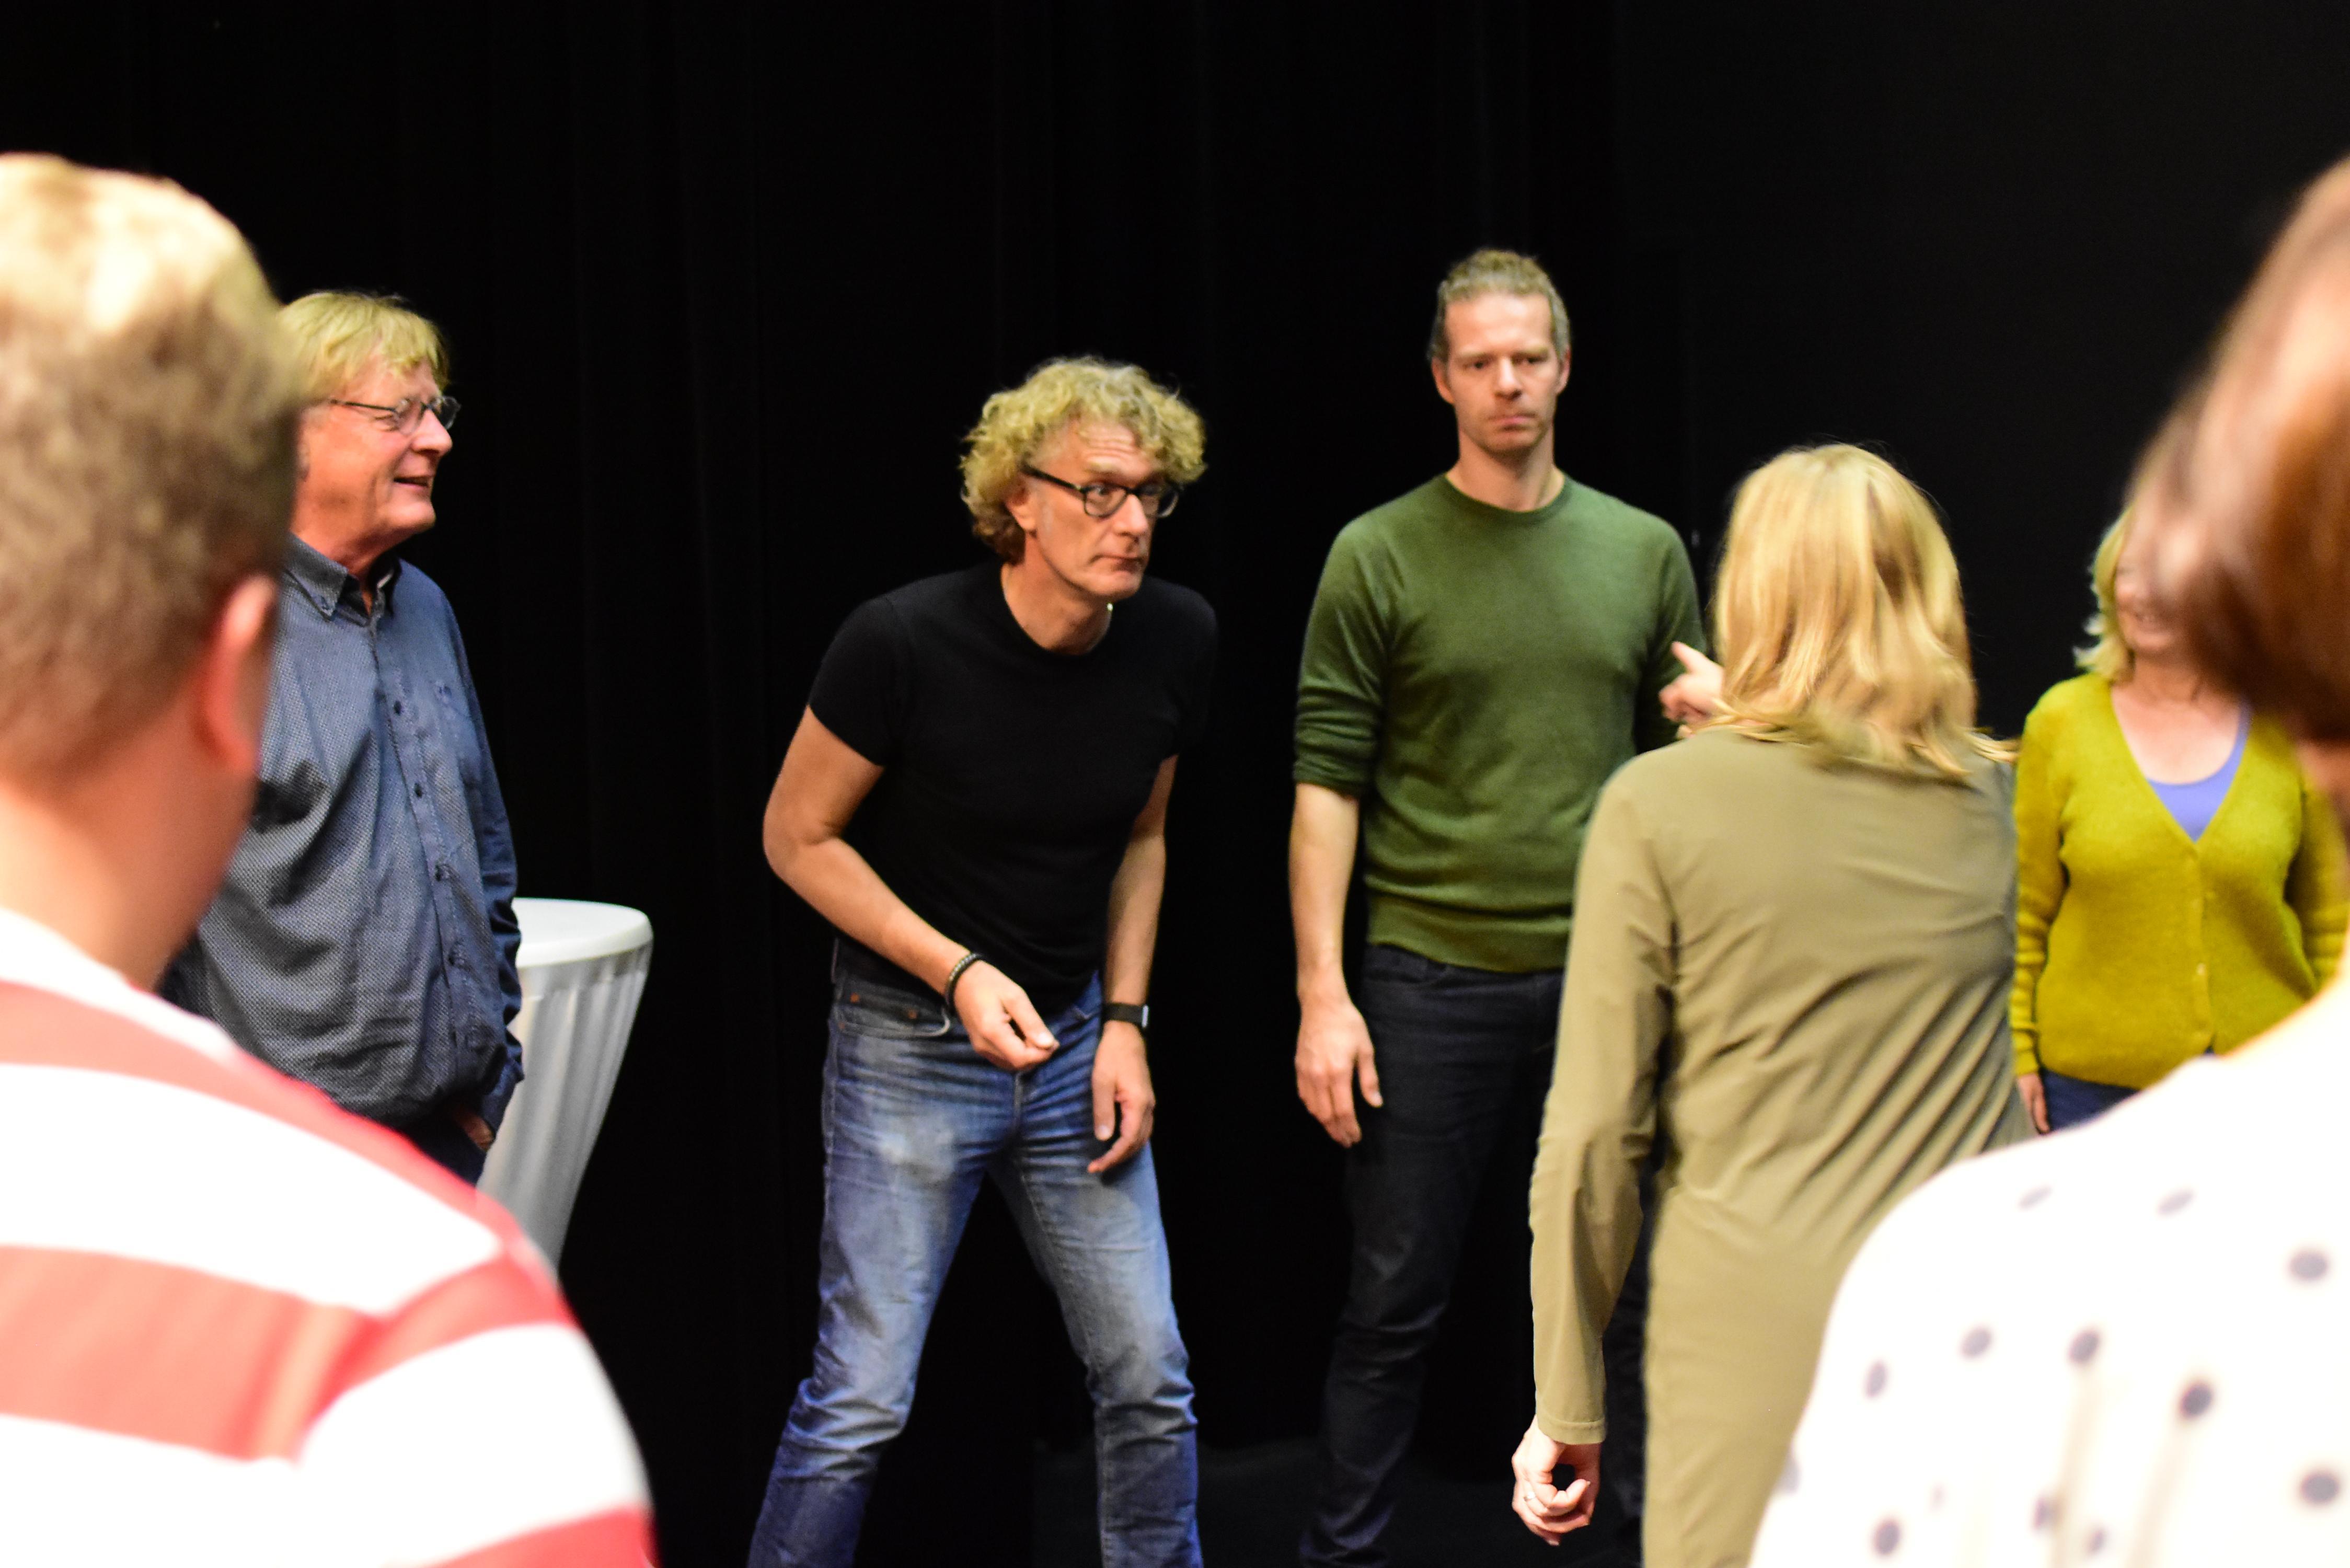 Deo et Arti combineert eenakter van Pinter met improvisatietheater